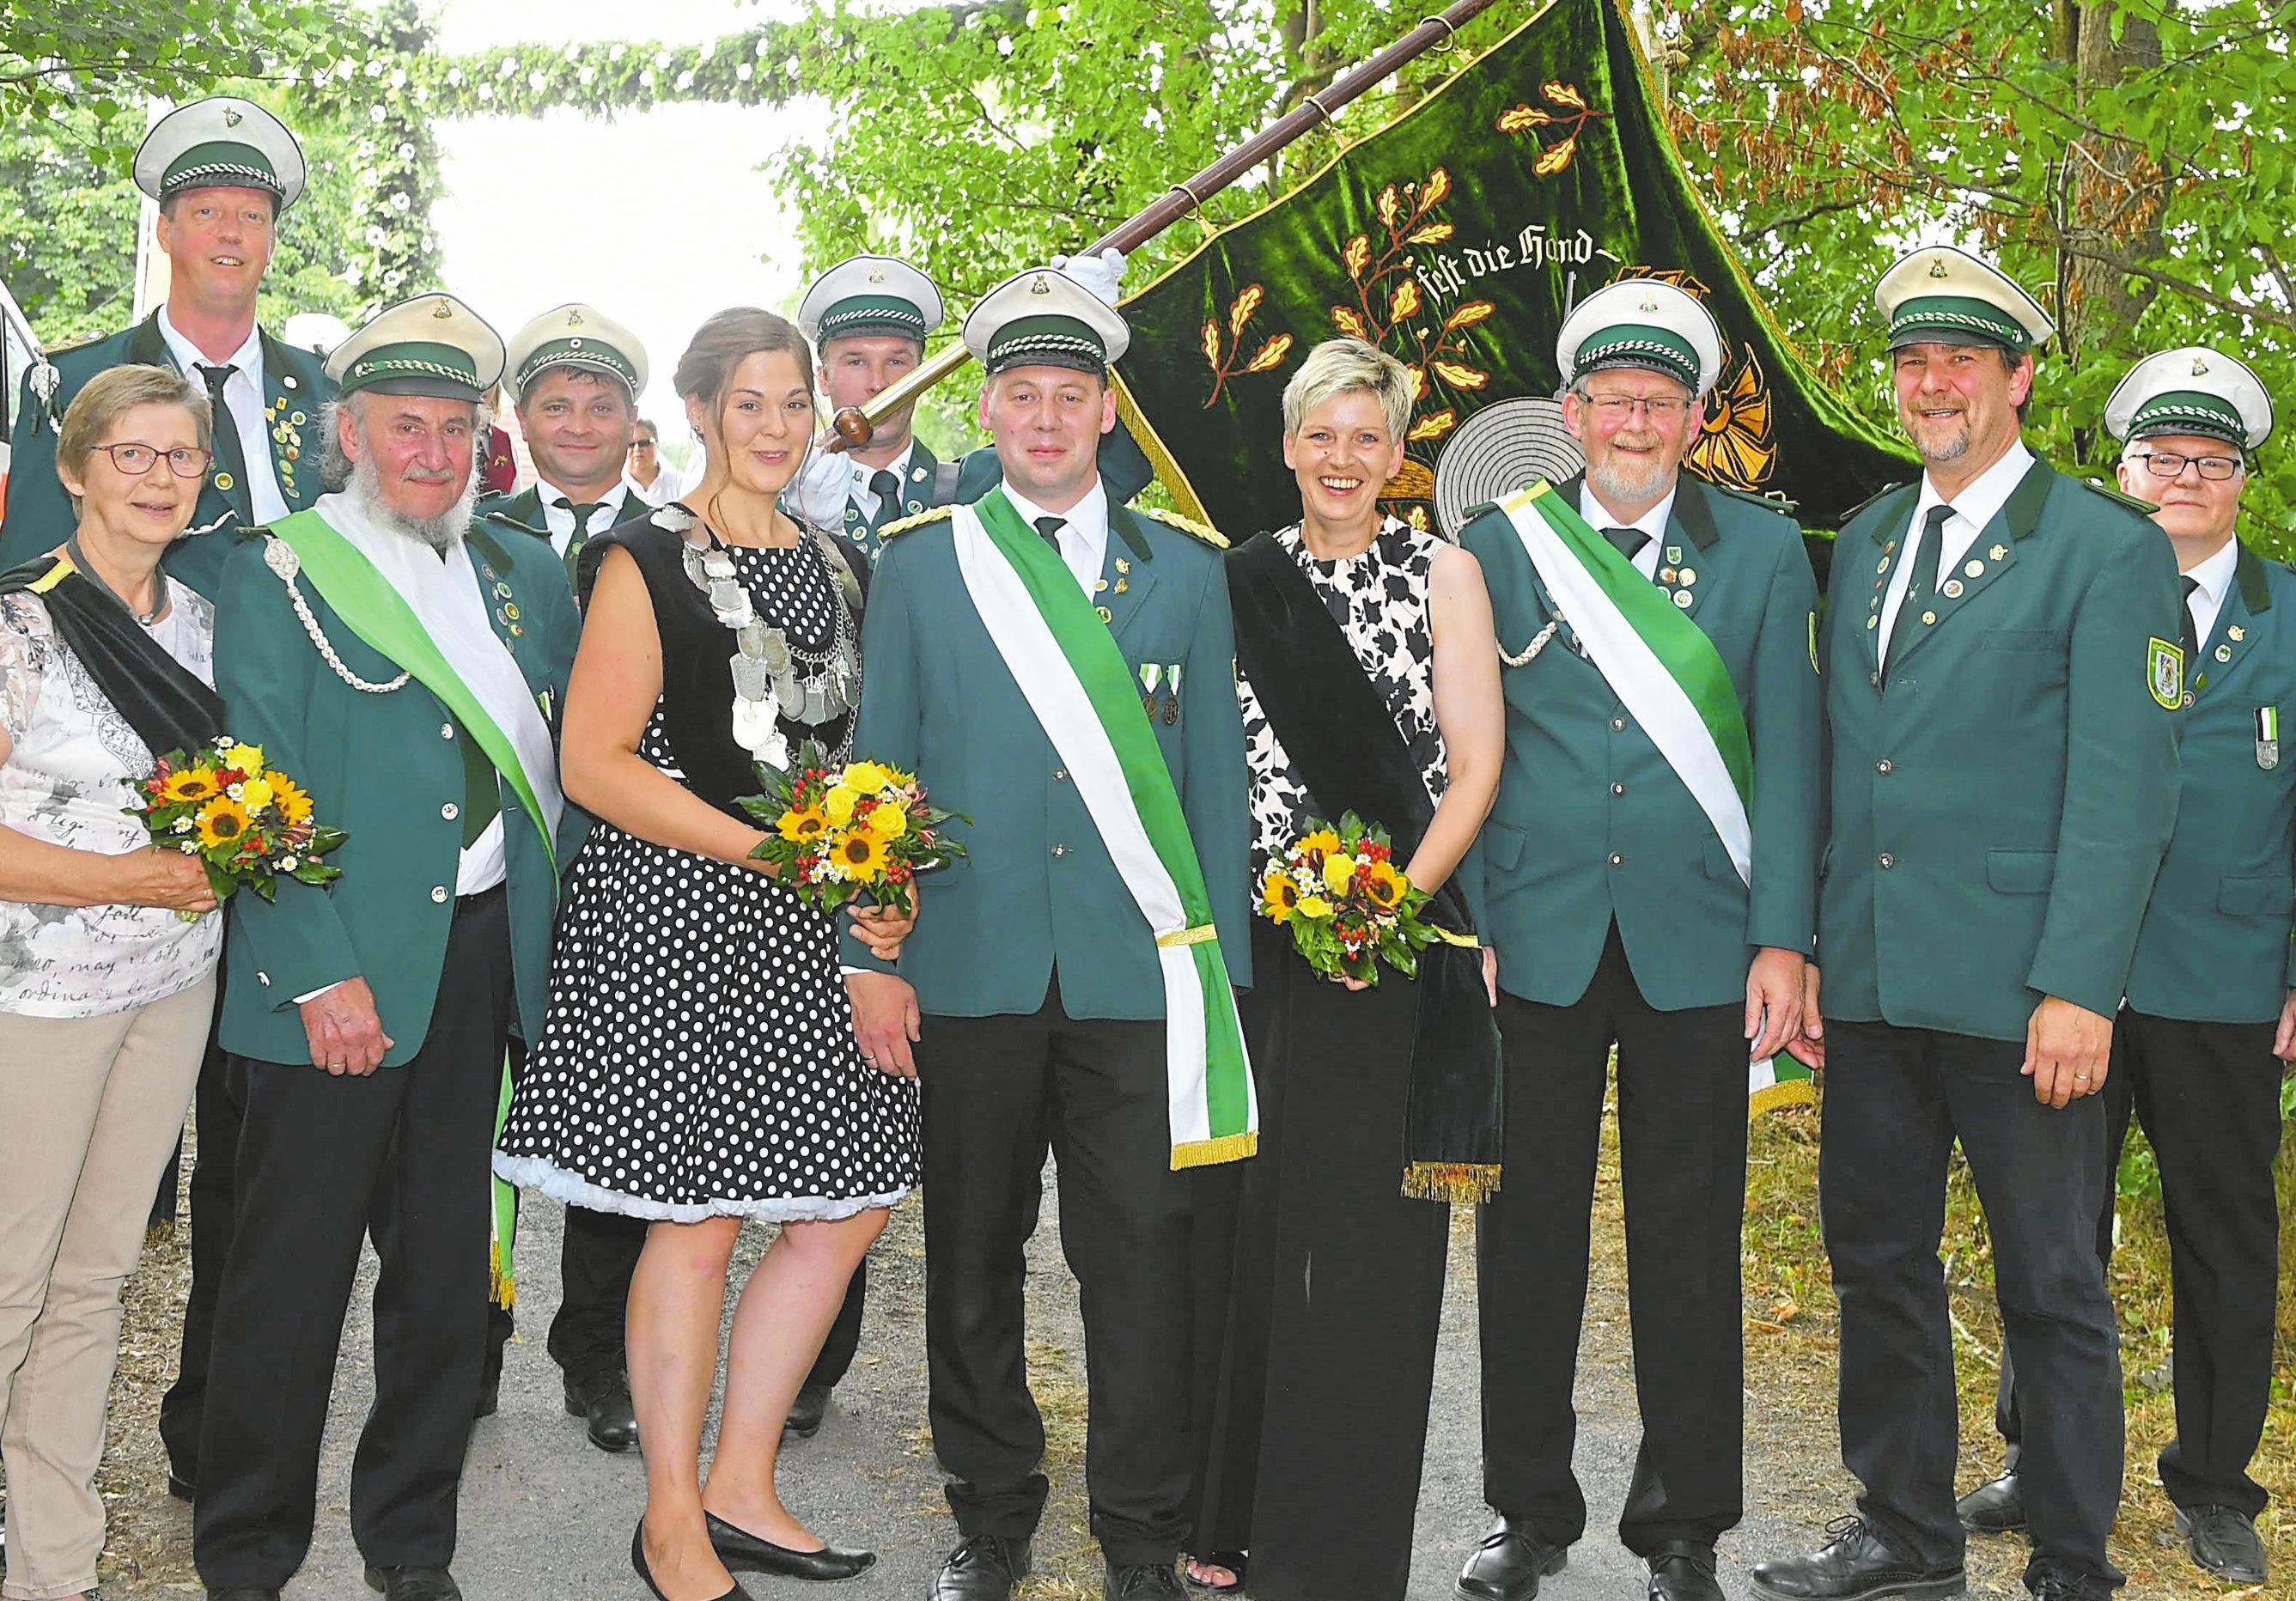 Saskia Krischke und ihr Mann Jan regierten die Düter Schützen. Jetzt wird ein Nachfolger für die Schützenkönigin gesucht. Foto: WN